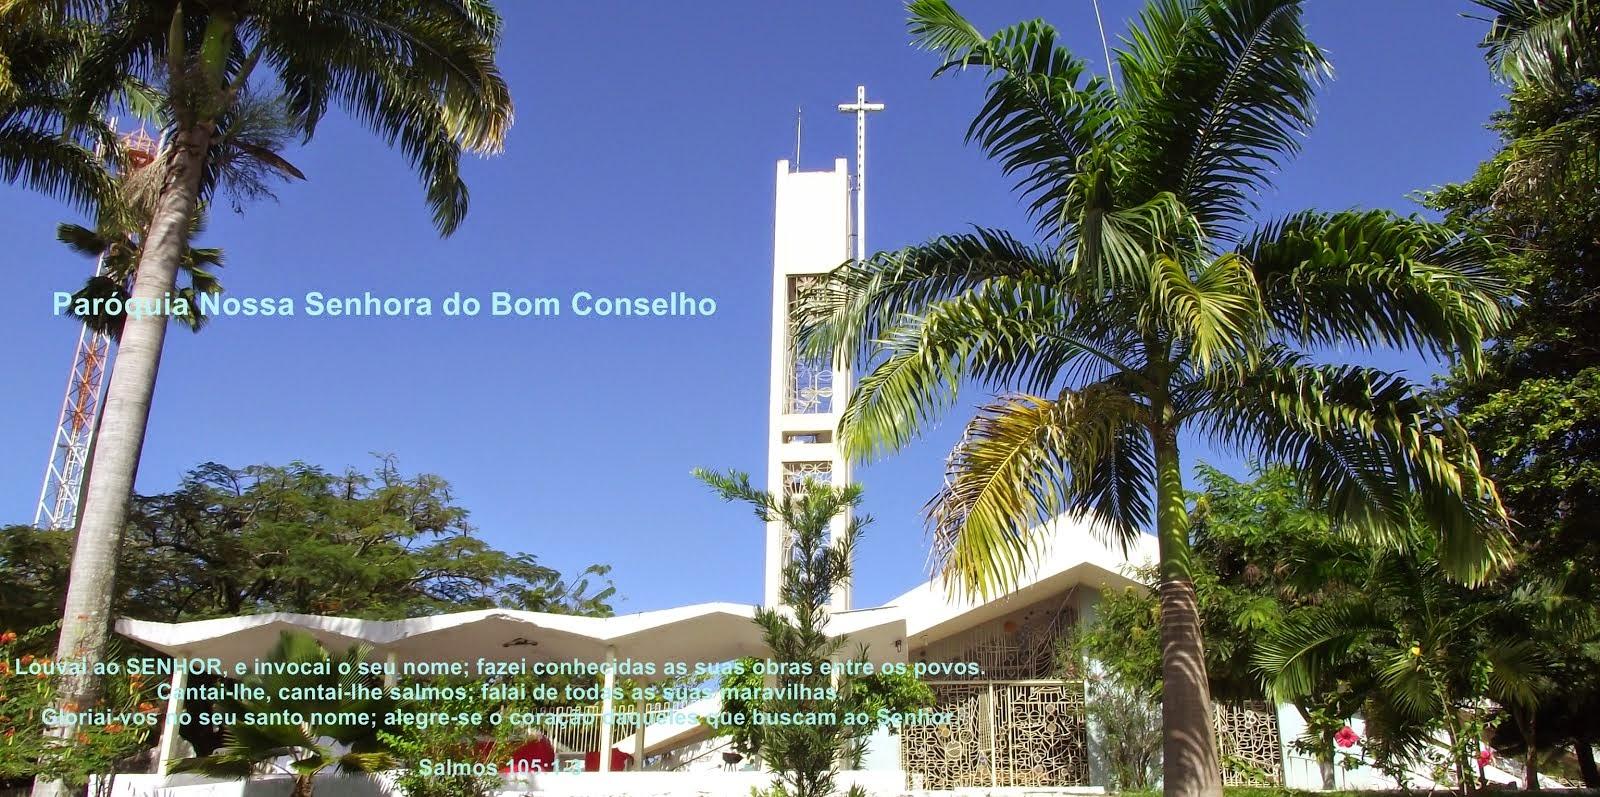 Paróquia Nossa Senhora do Bom Conselho